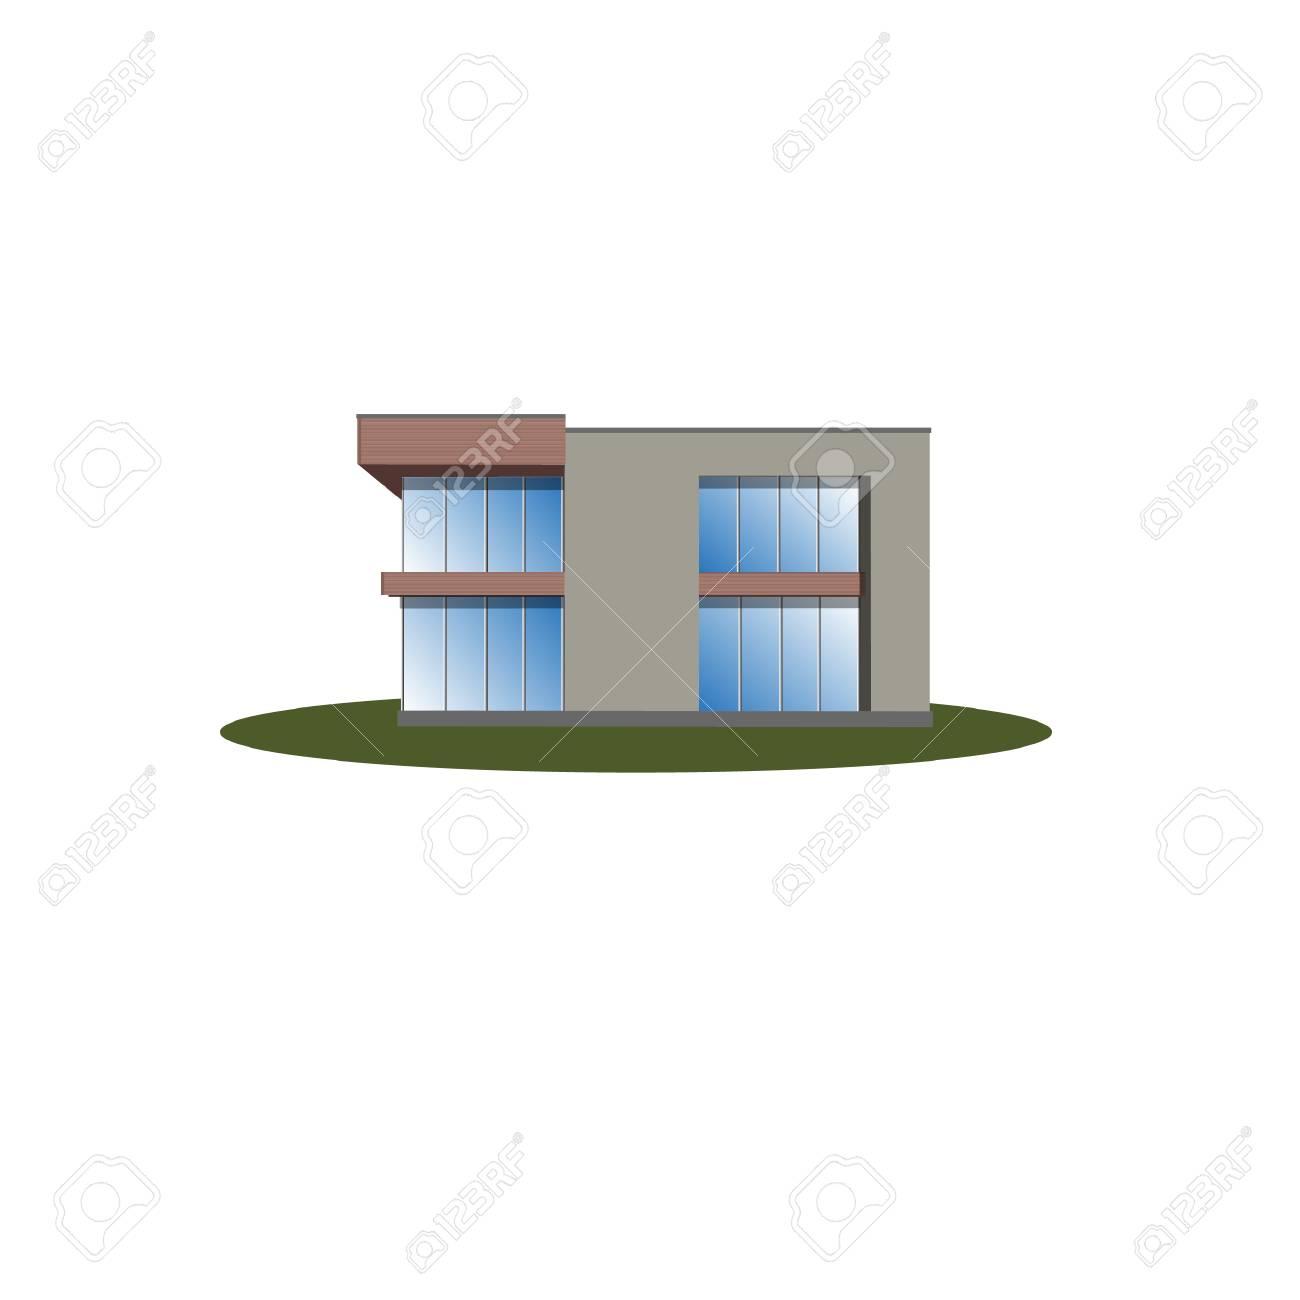 Modernes Haus, Architektur, Gebäude, Isoliert Auf Weiß Lizenzfrei ...